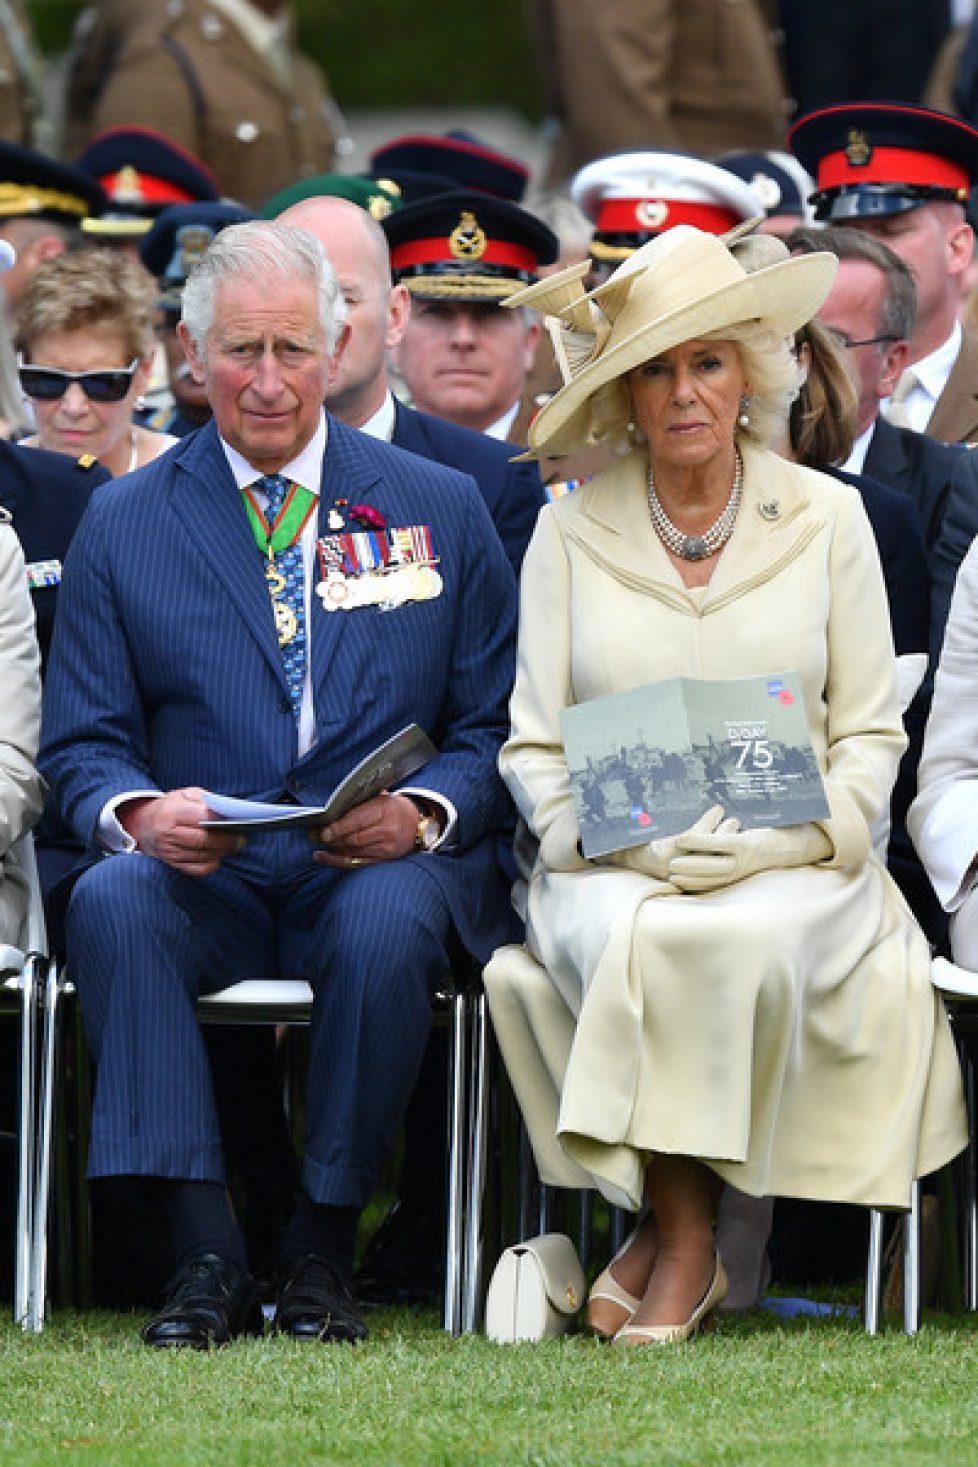 British+Royal+Legion+Holds+Day+75th+Anniversary+HU7zQRNfWgWl